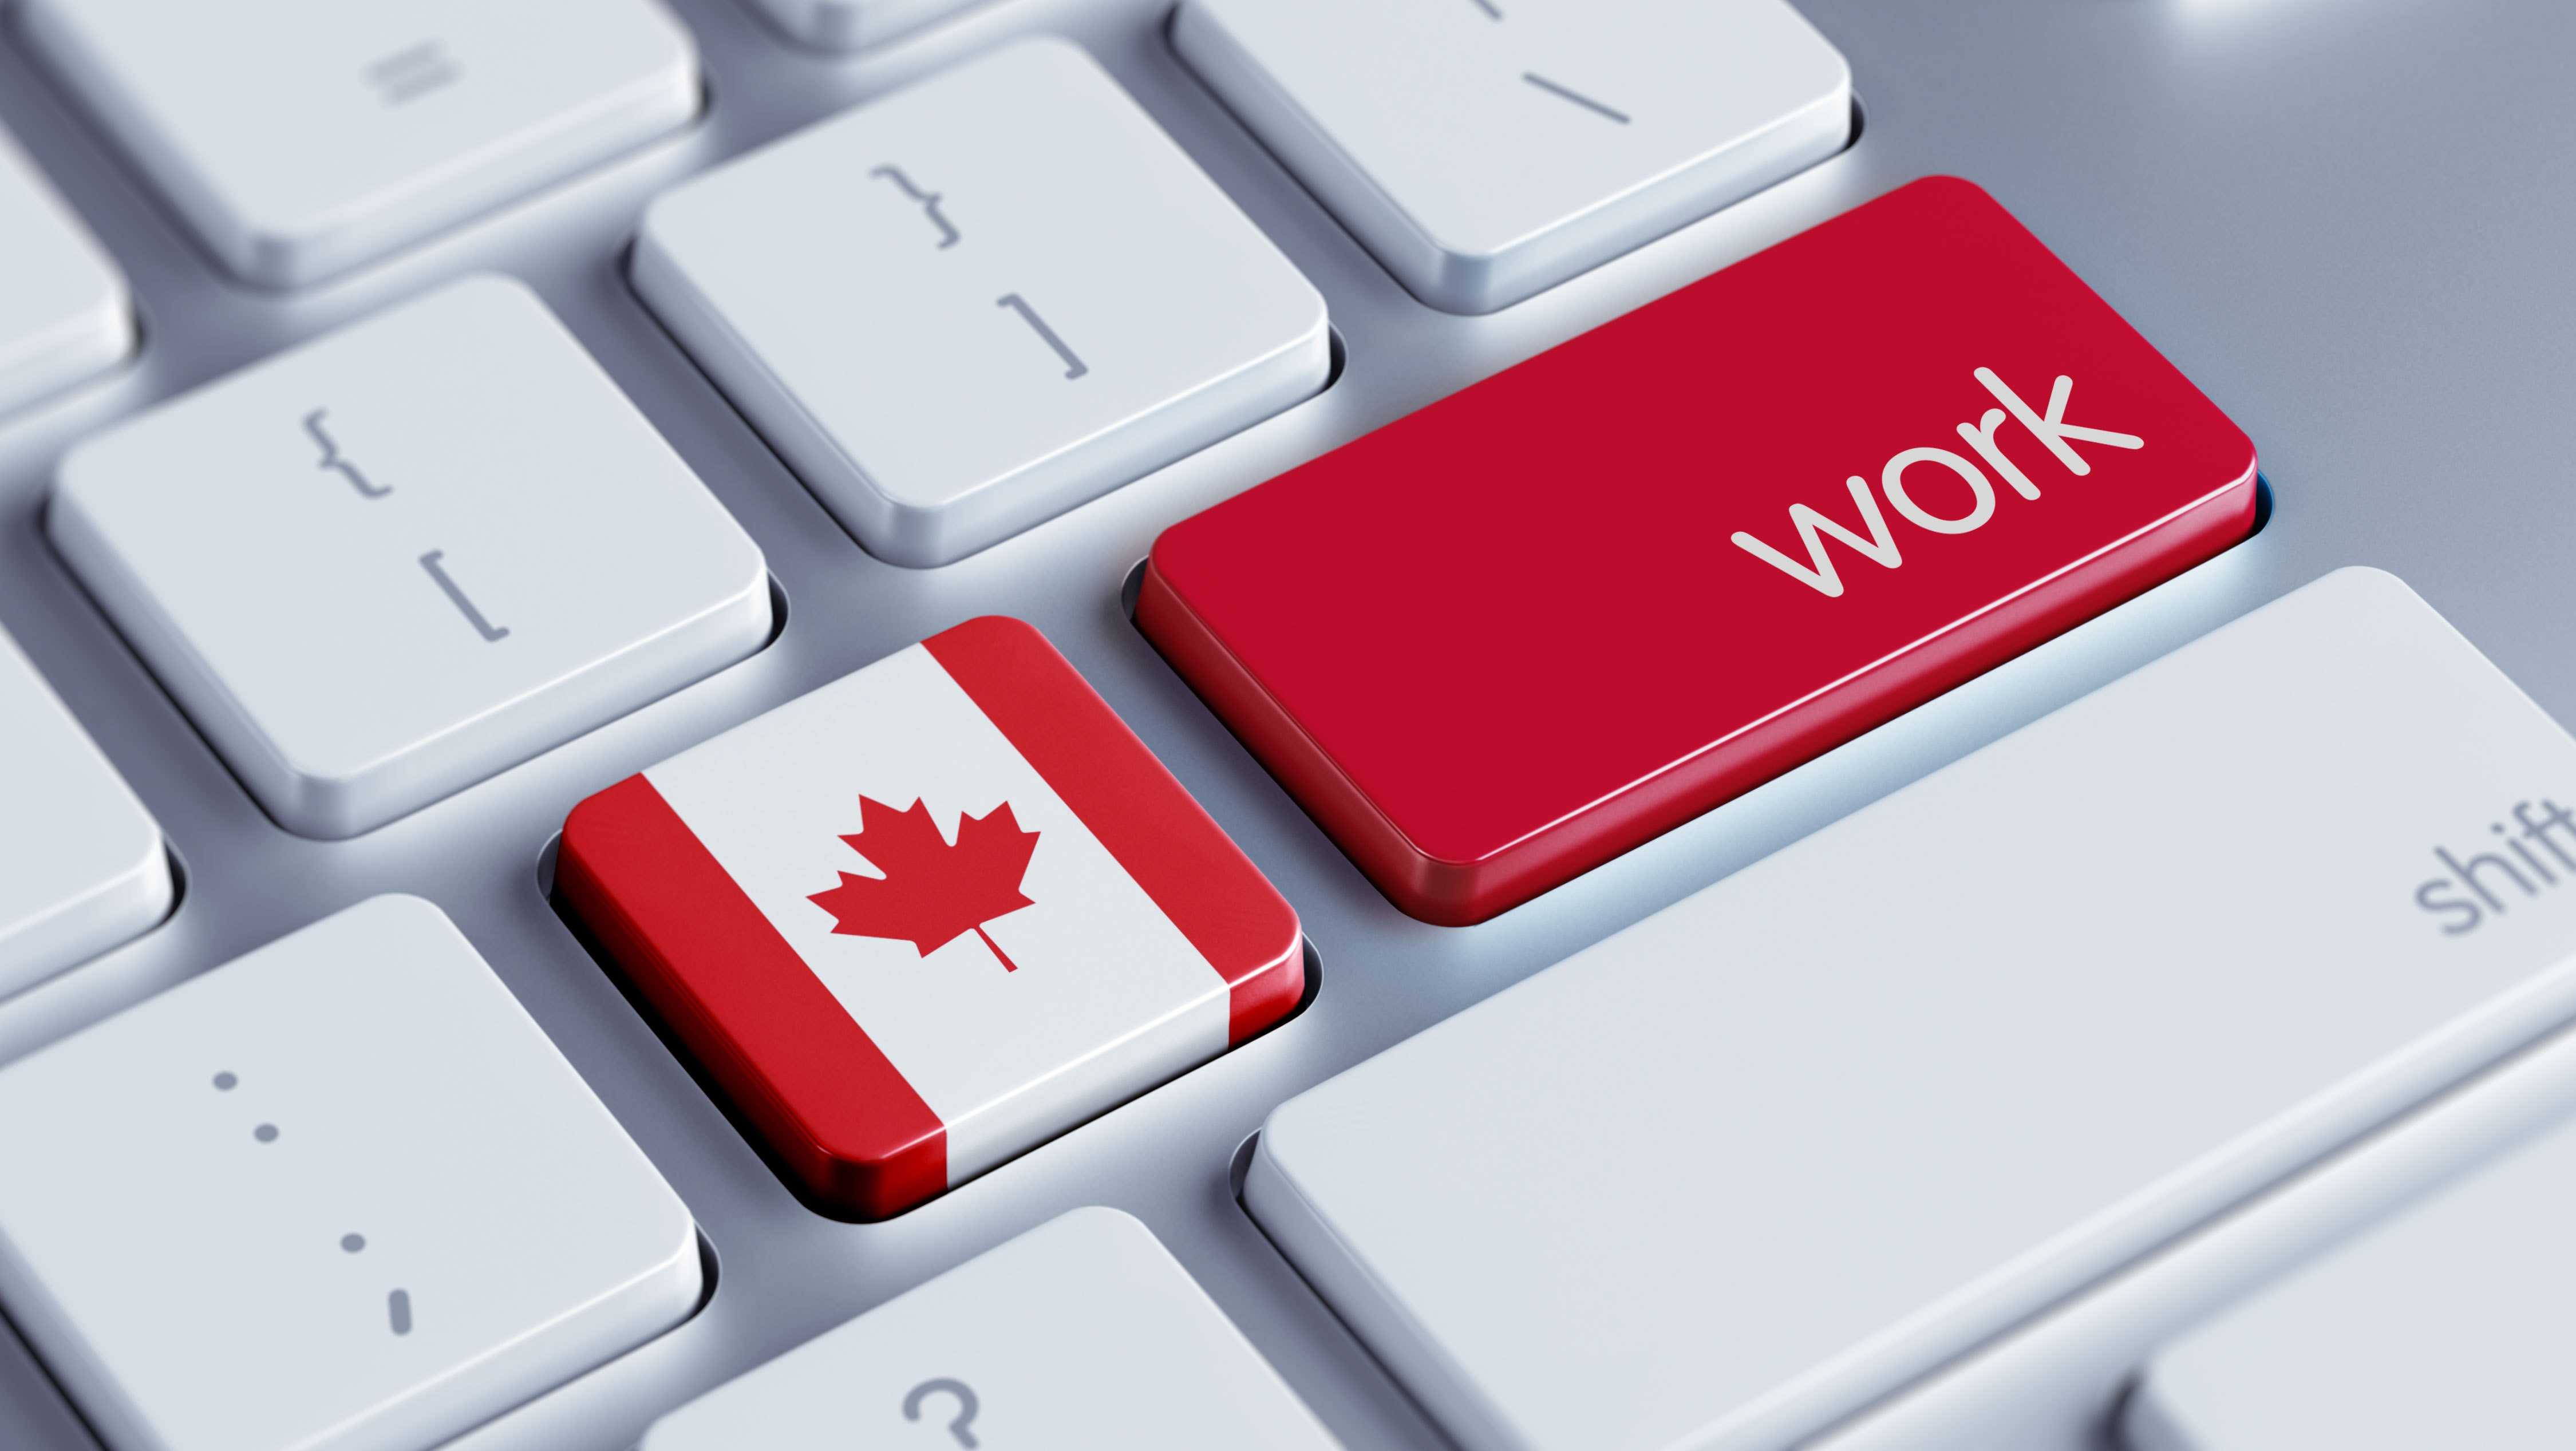 اقامت دائم کانادا از طریق ویزای کار